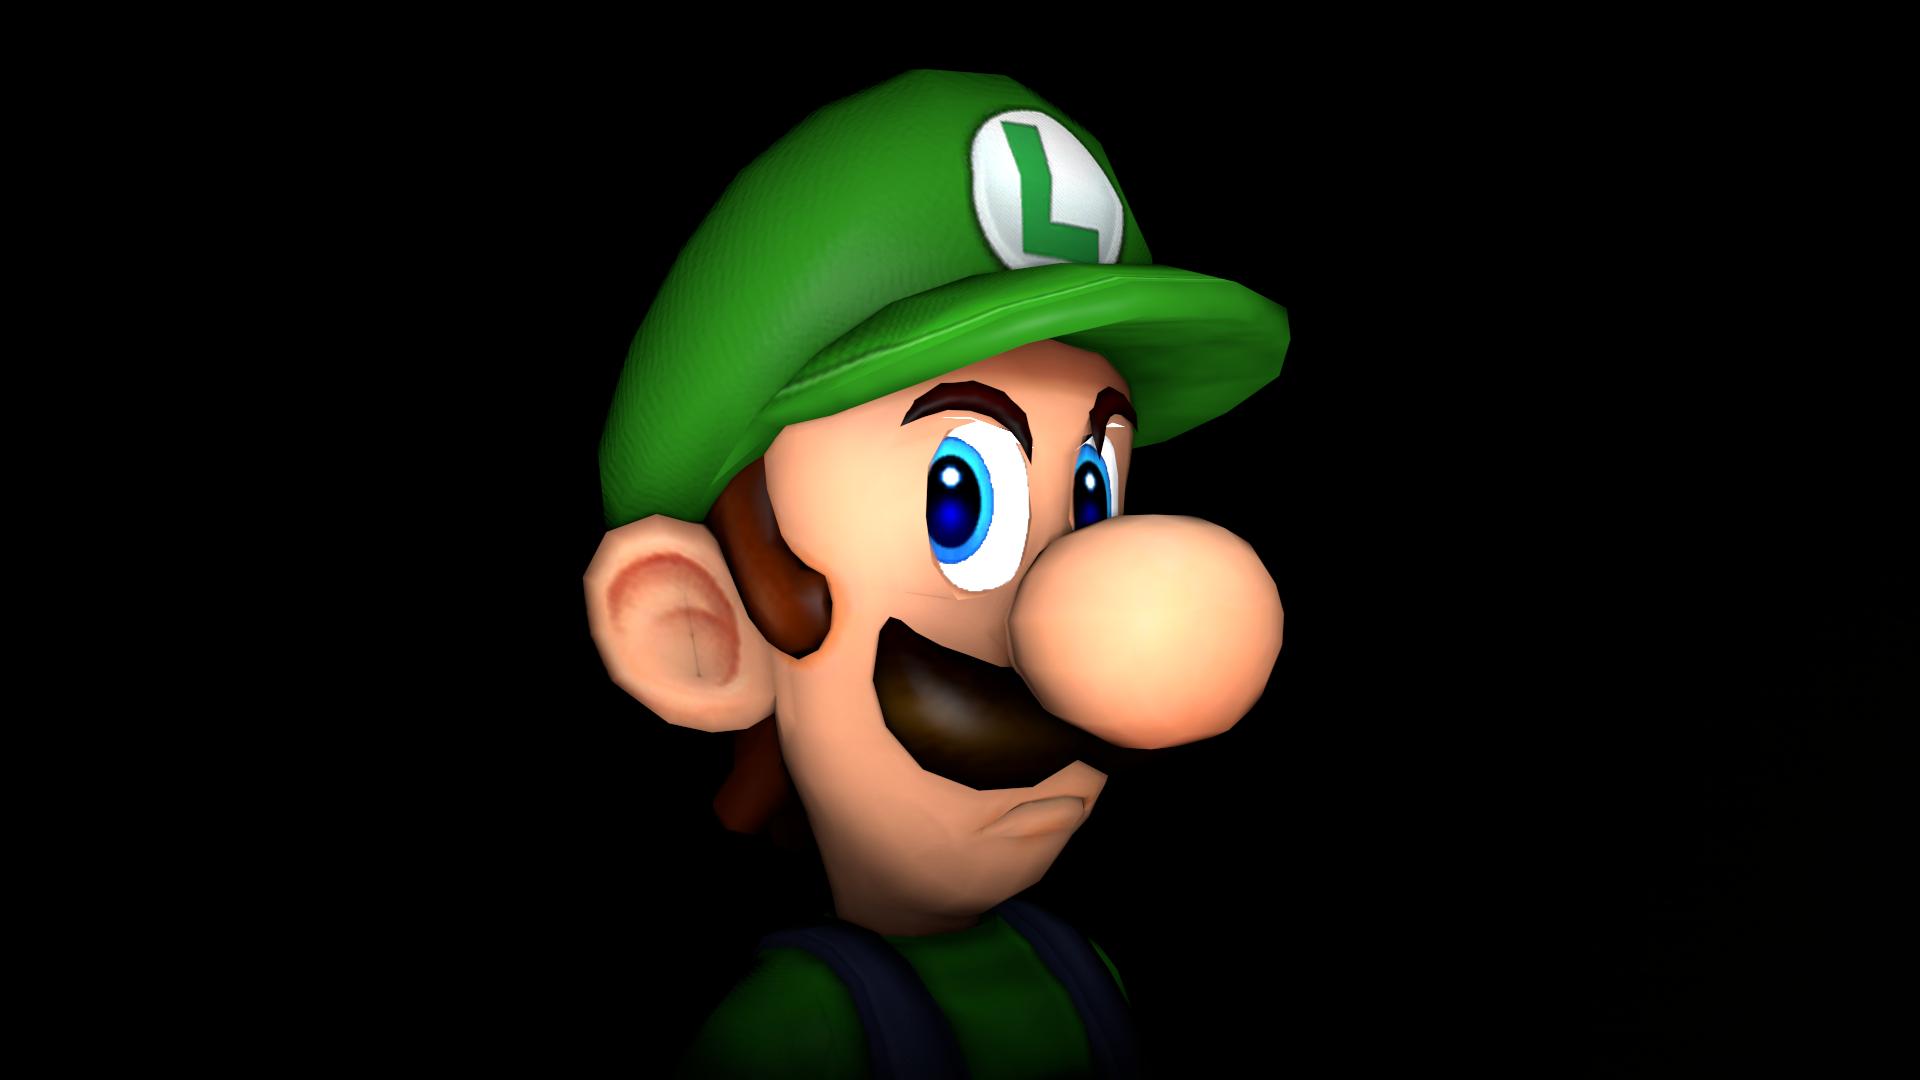 Luigi S Death Stare By Robinolsen2011 On Deviantart